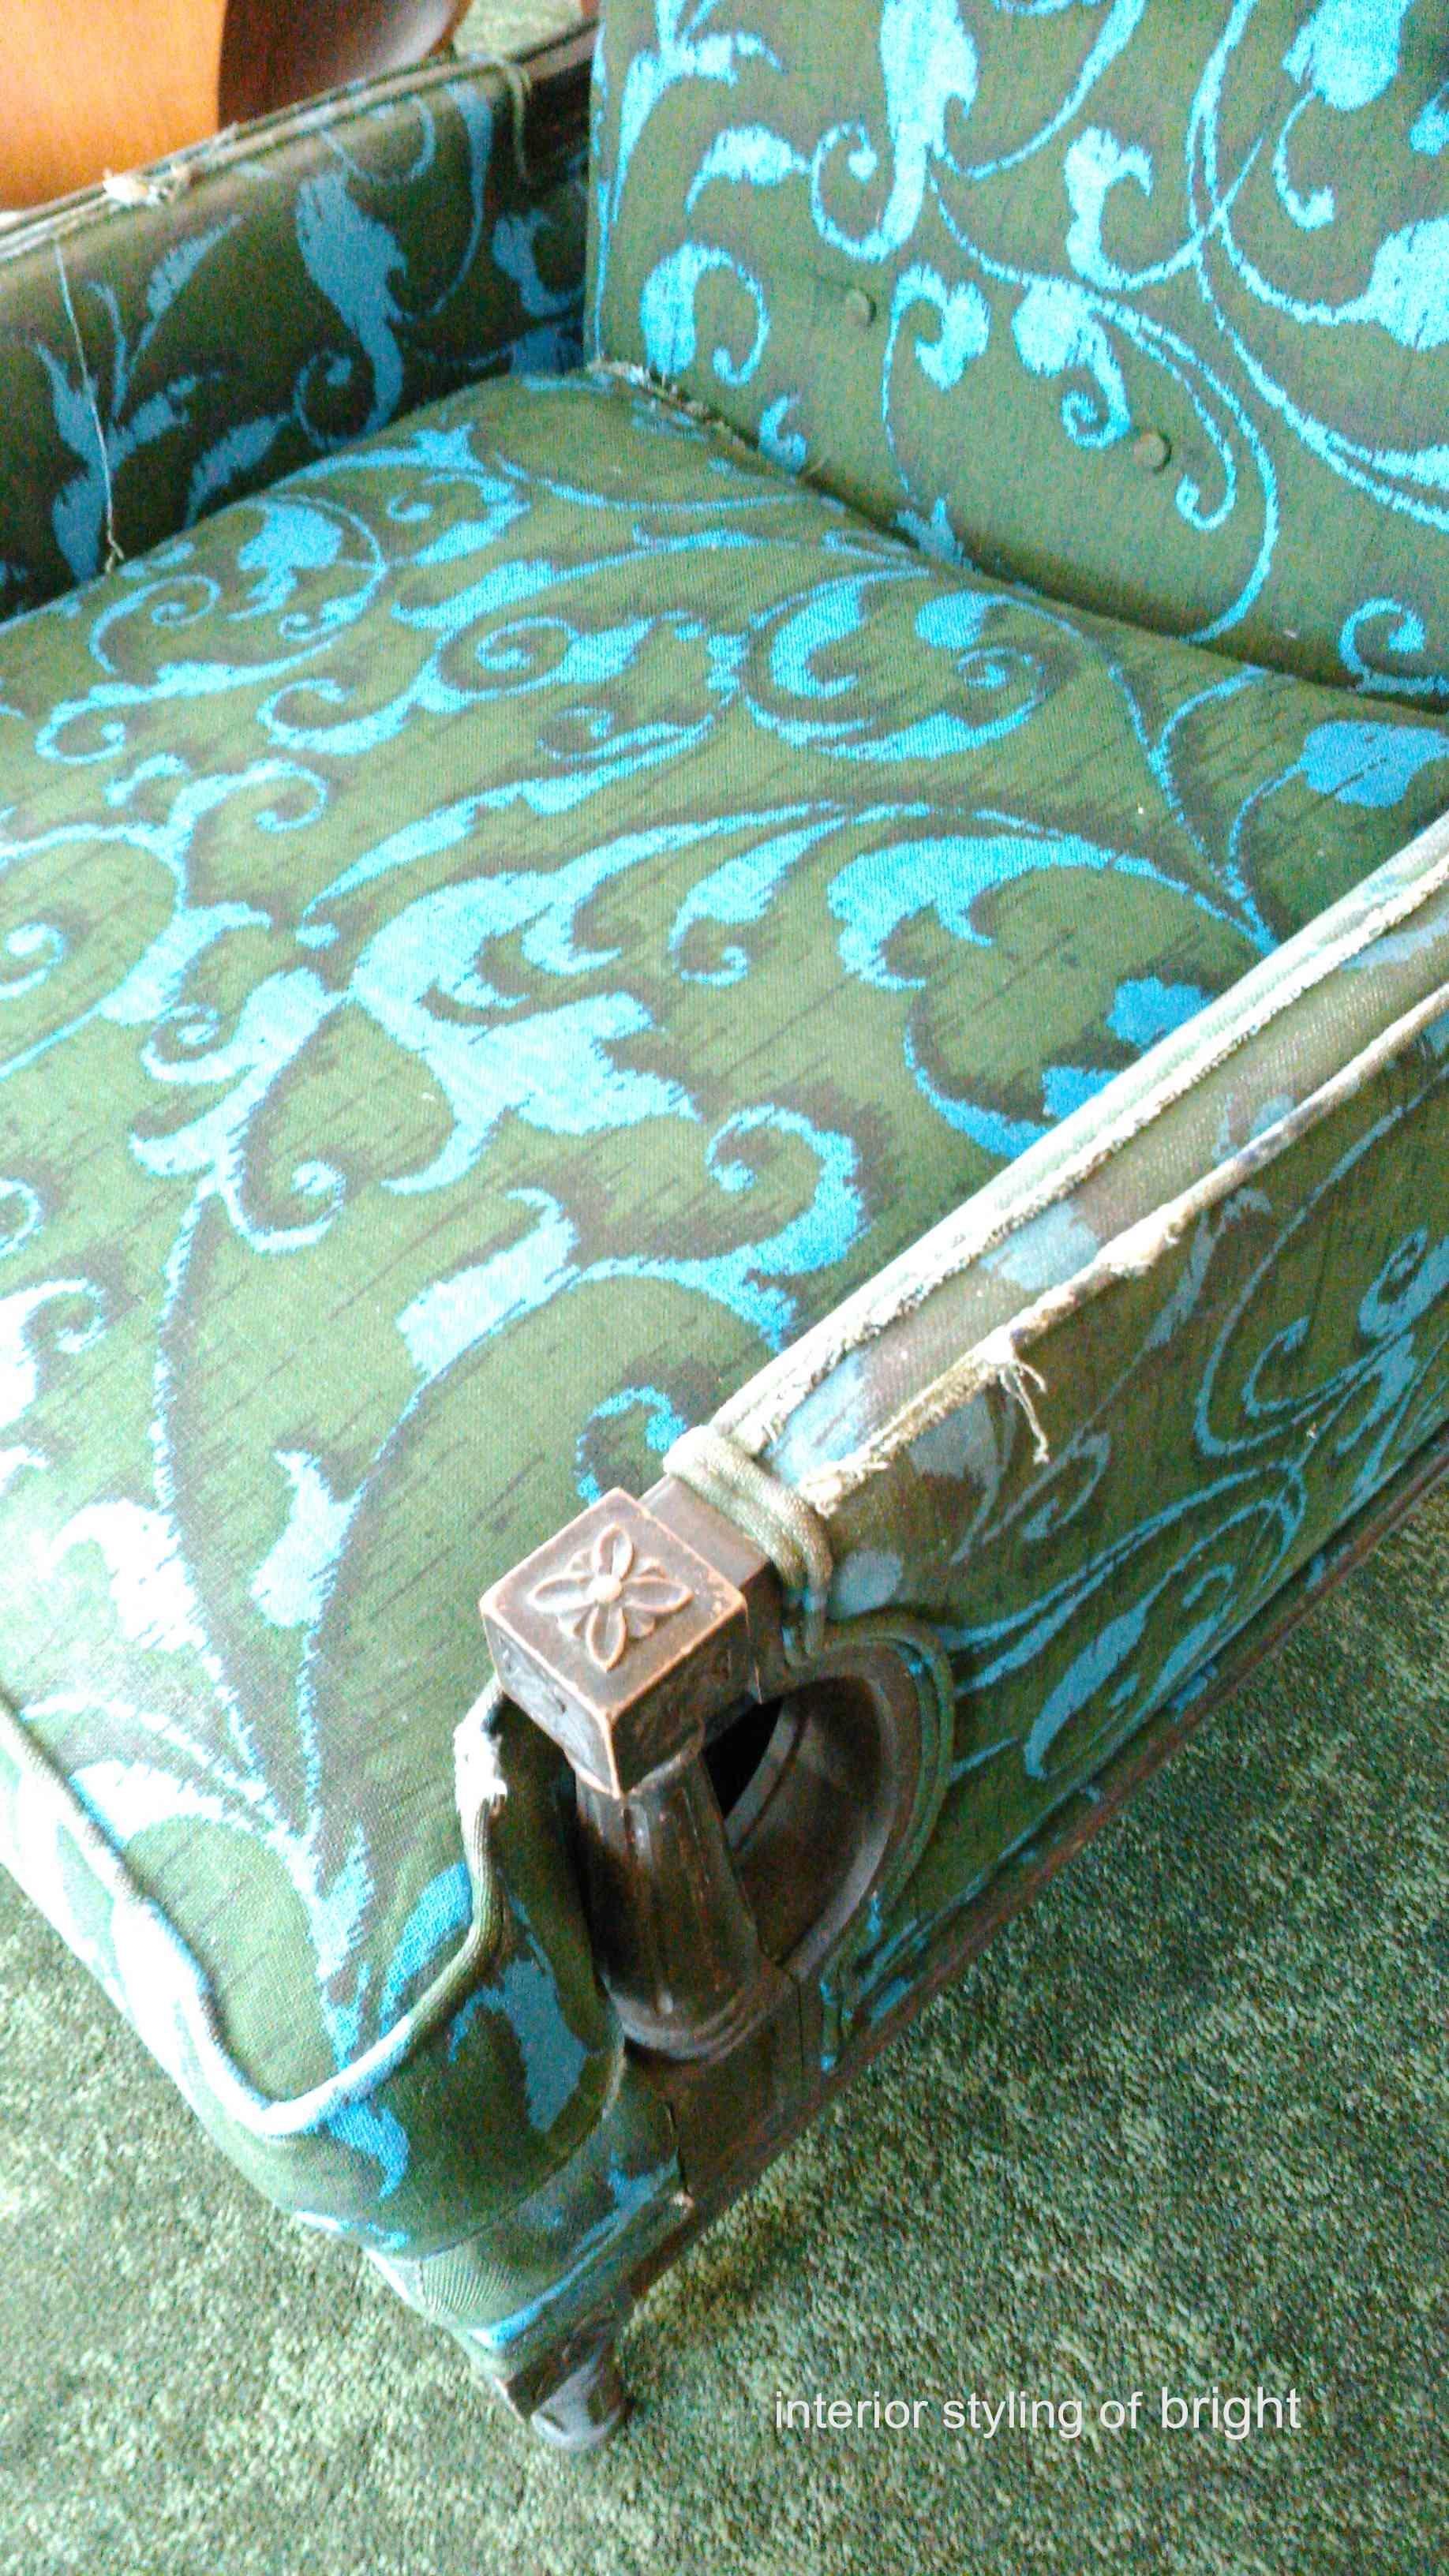 モリス 椅子張替『ラークスパー』 ウィリアムモリス正規販売店のブライト_c0157866_15011579.jpg